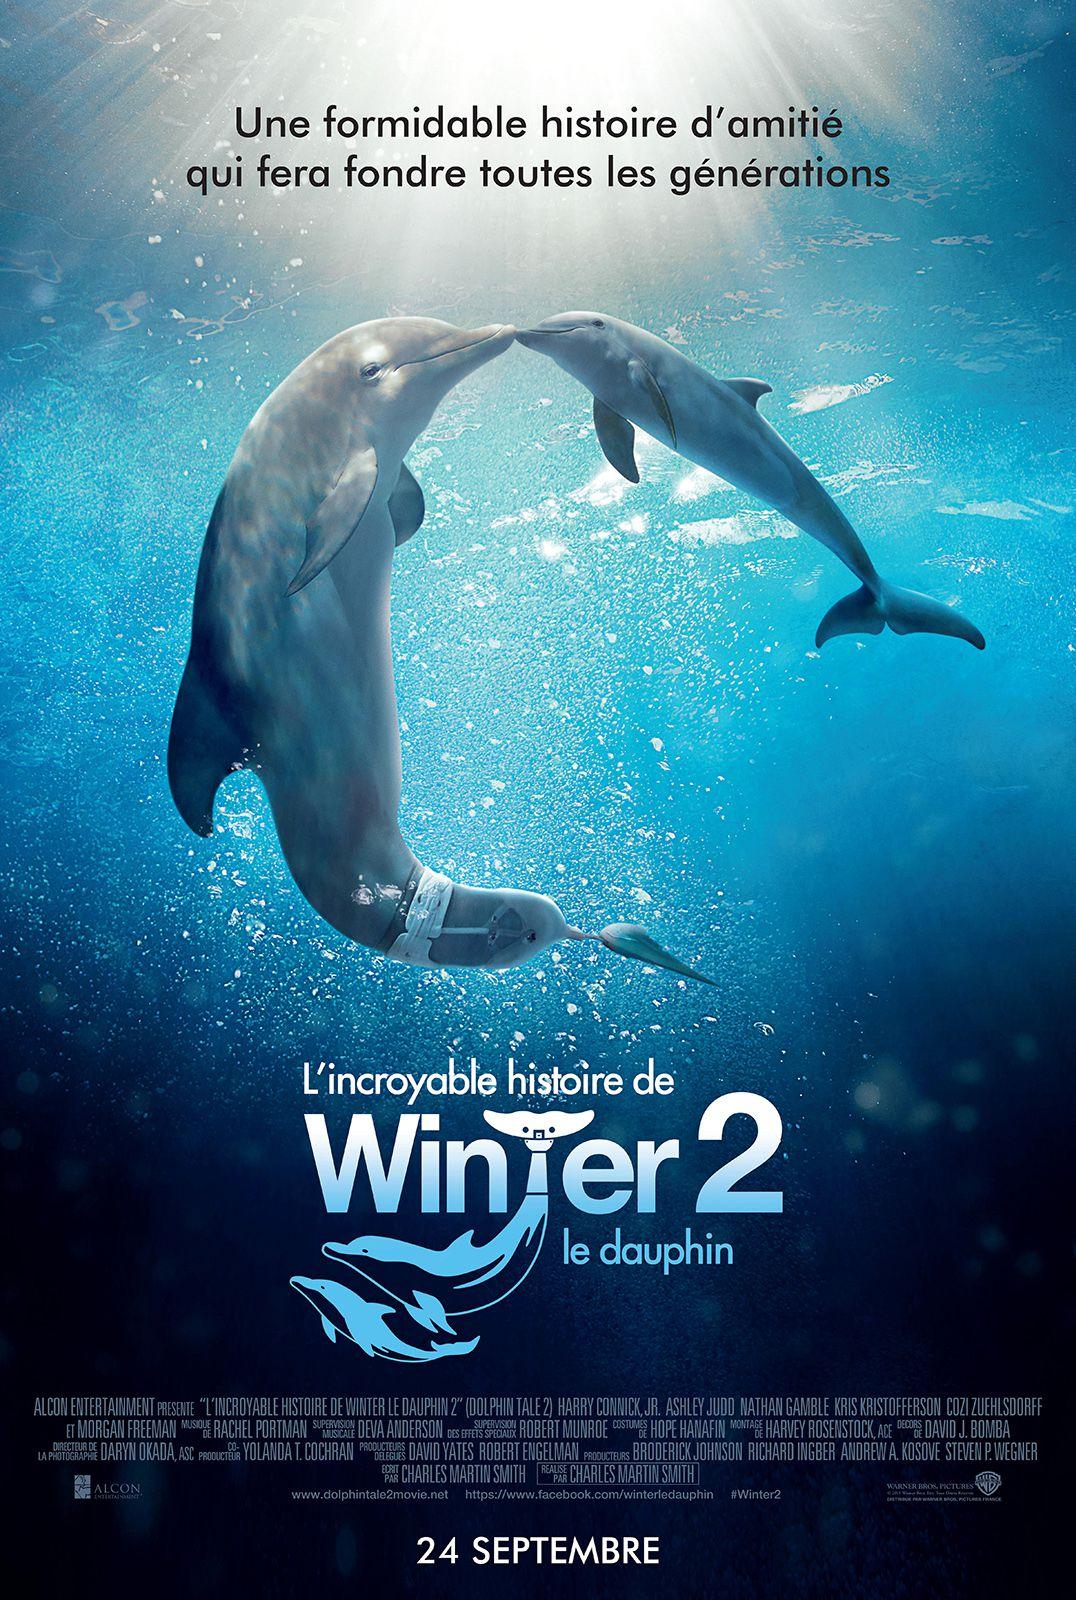 L'Incroyable Histoire de Winter le dauphin 2 - Film (2014)